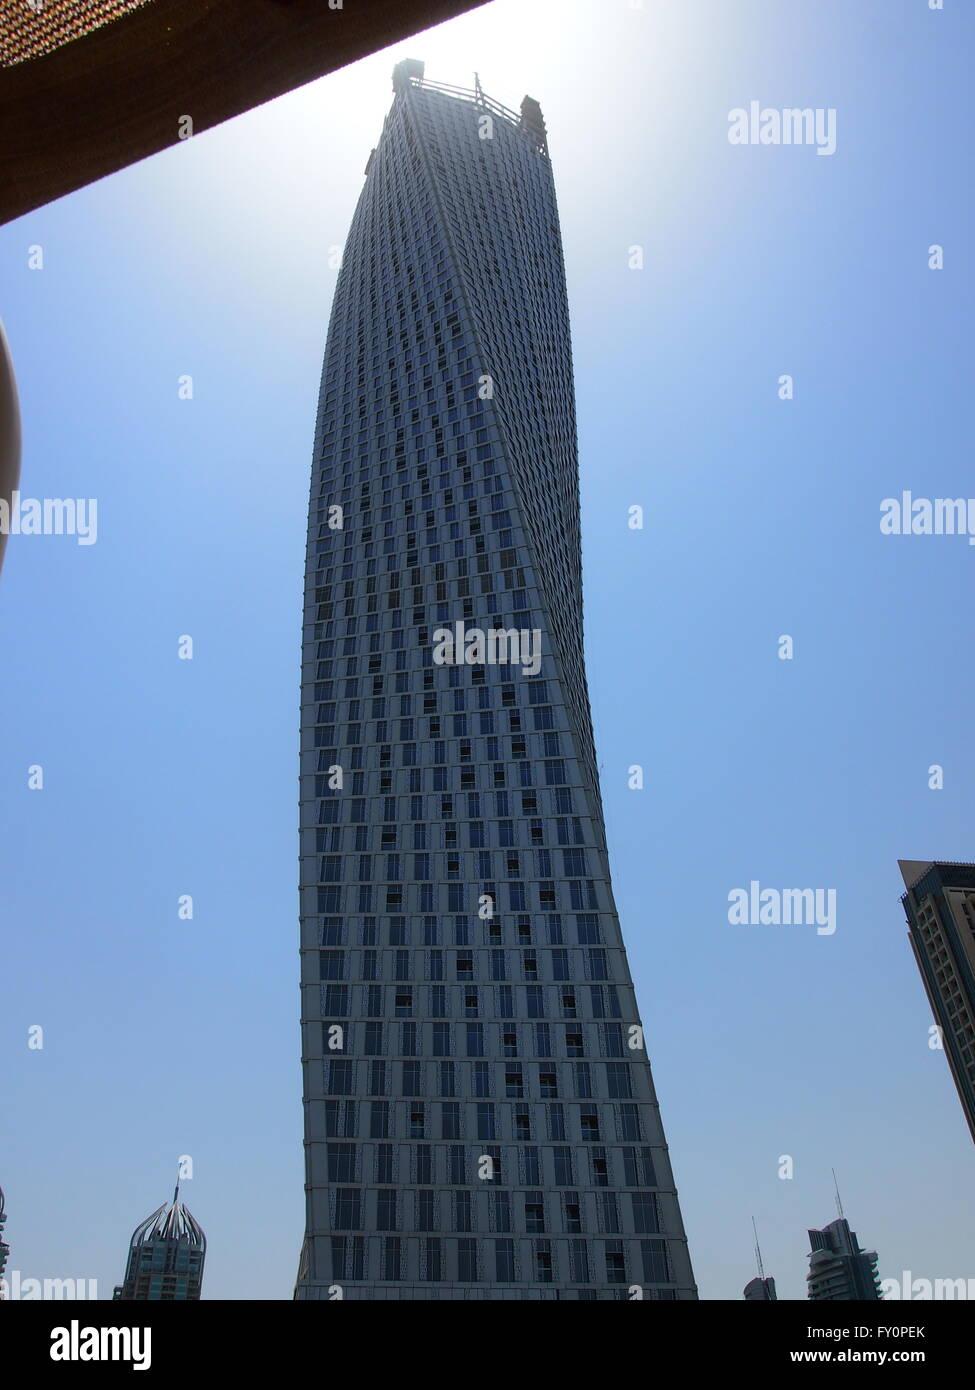 Cayan Tower, Dubai - Stock Image